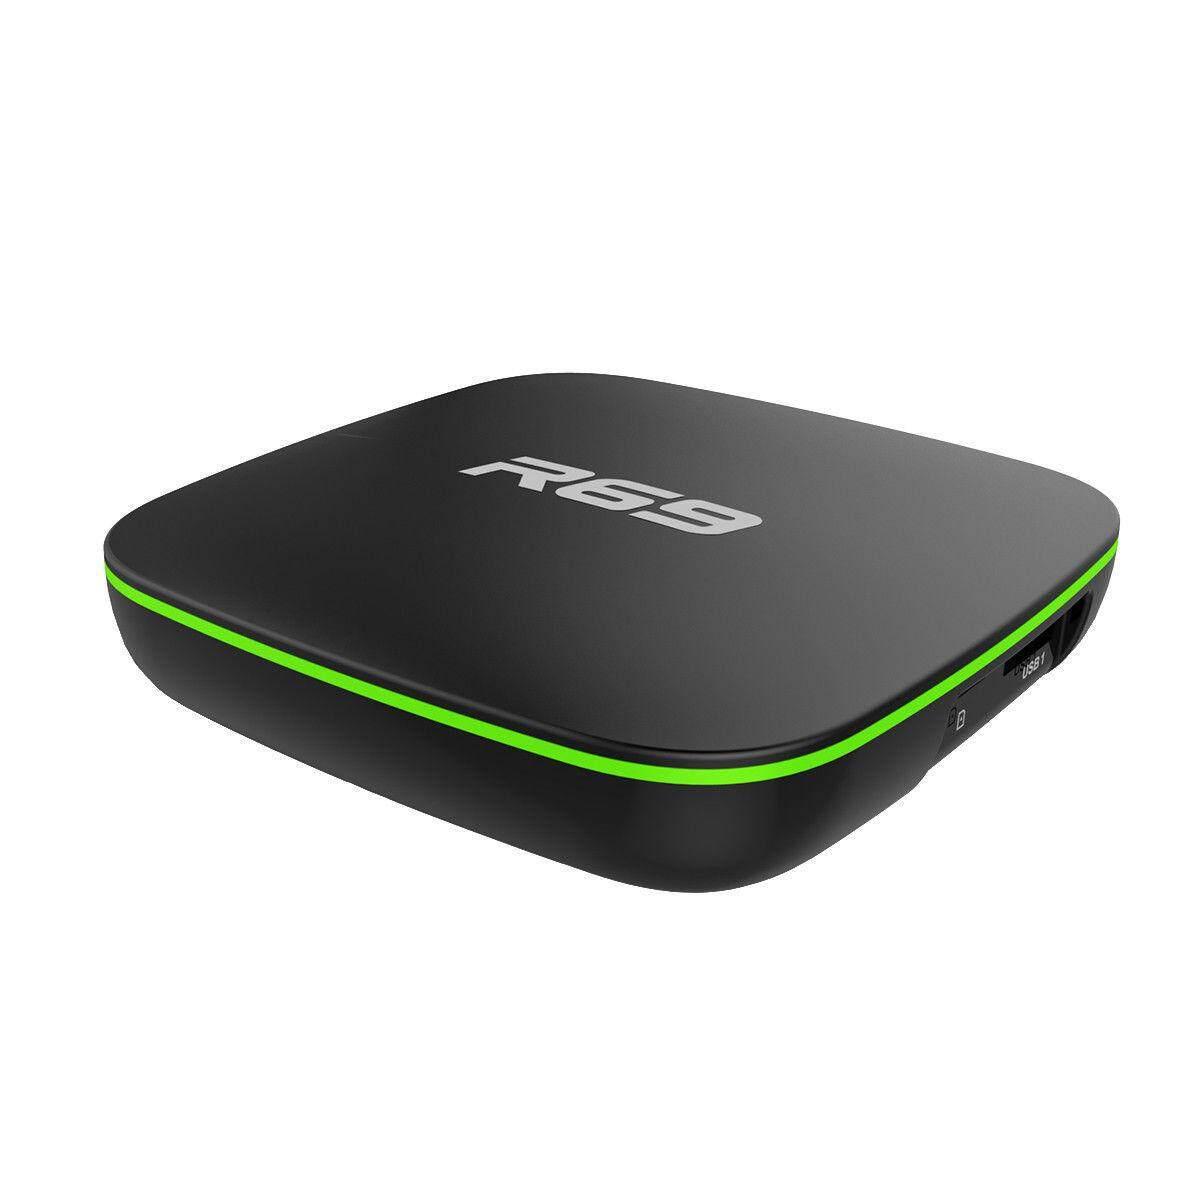 การใช้งาน  อุตรดิตถ์ R69 Android 6.0 Smart TV Box 1G + 8G 4K WiFi Quad Core Midea Player AB ( Shoptoyou )